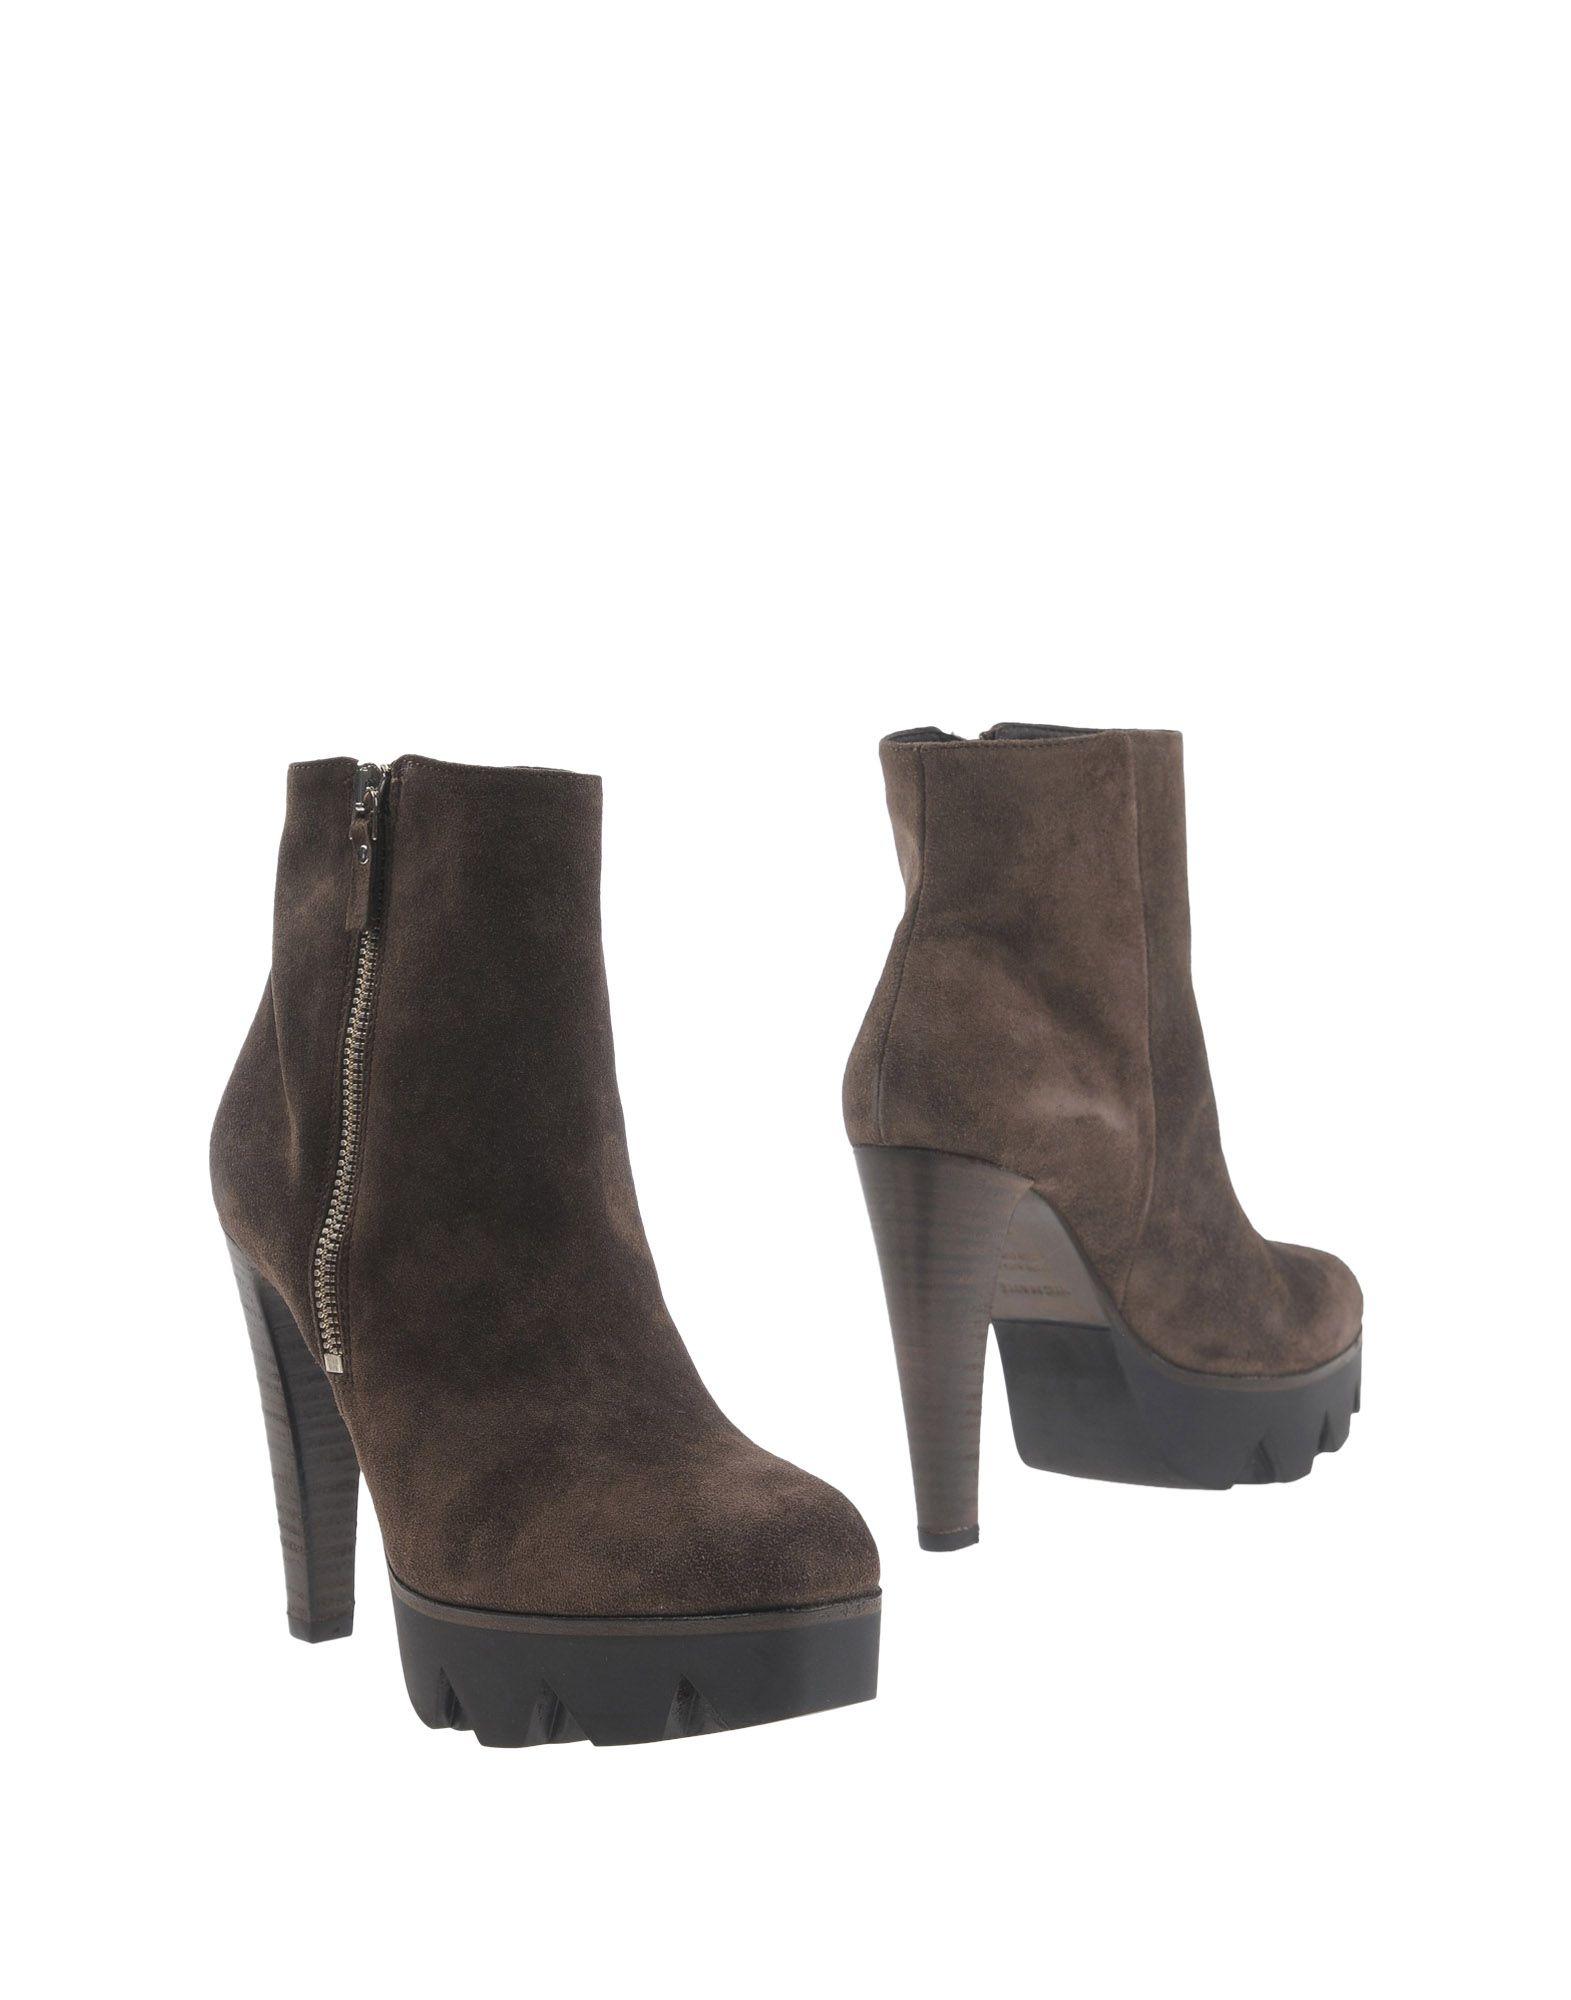 Vic Matiē Stiefelette Damen  11287752EPGut aussehende strapazierfähige Schuhe